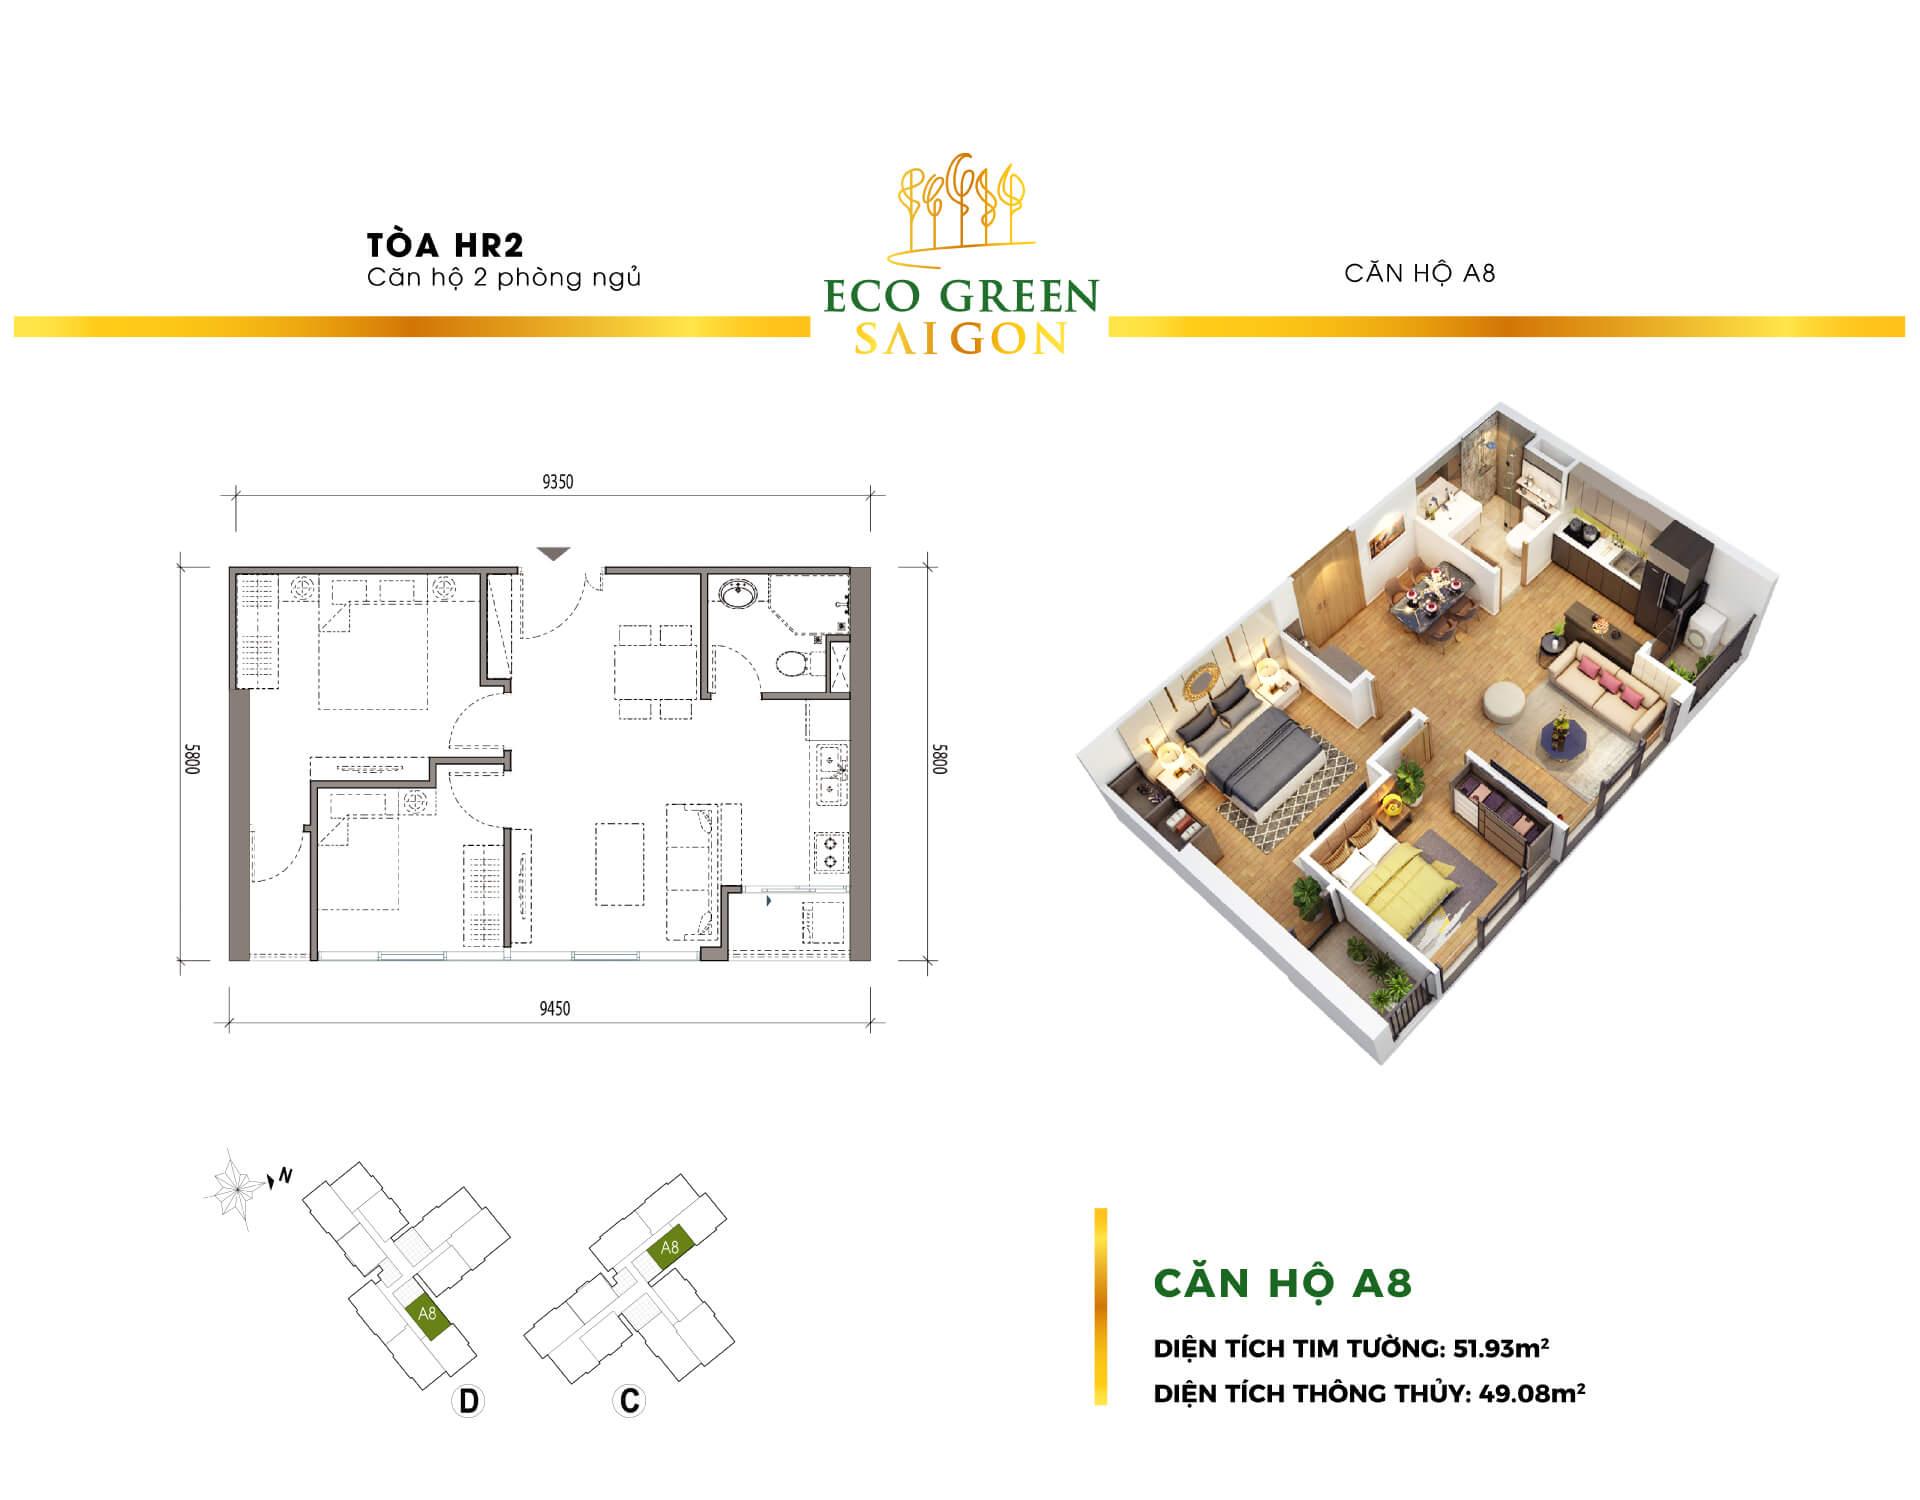 A8-hr2-eco-green-sai-gon